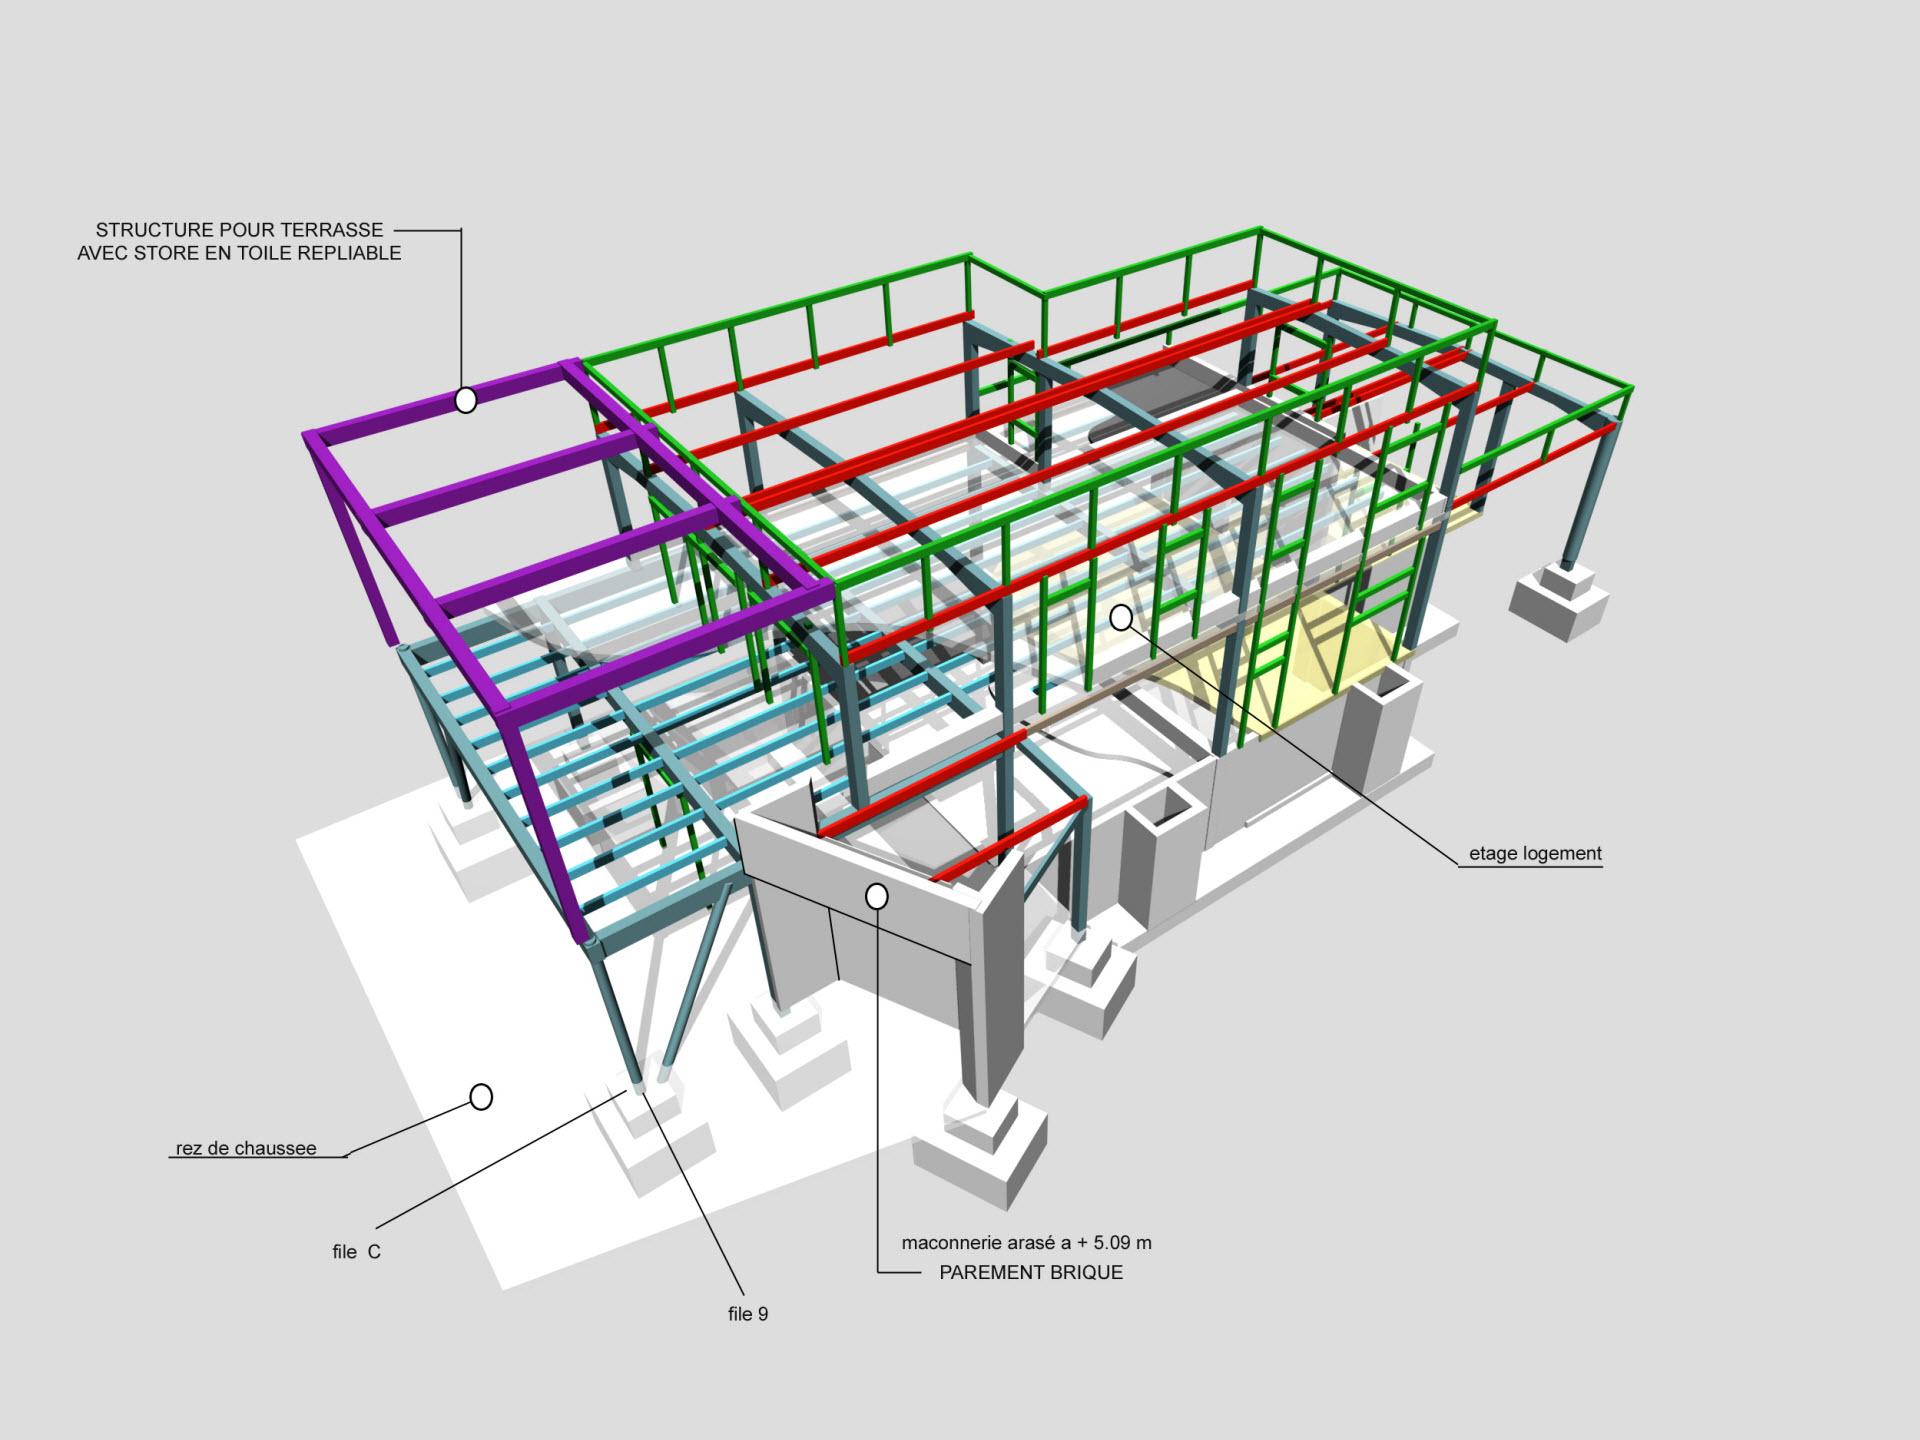 Structure La Boulangerie Honoré - Bruno Provot